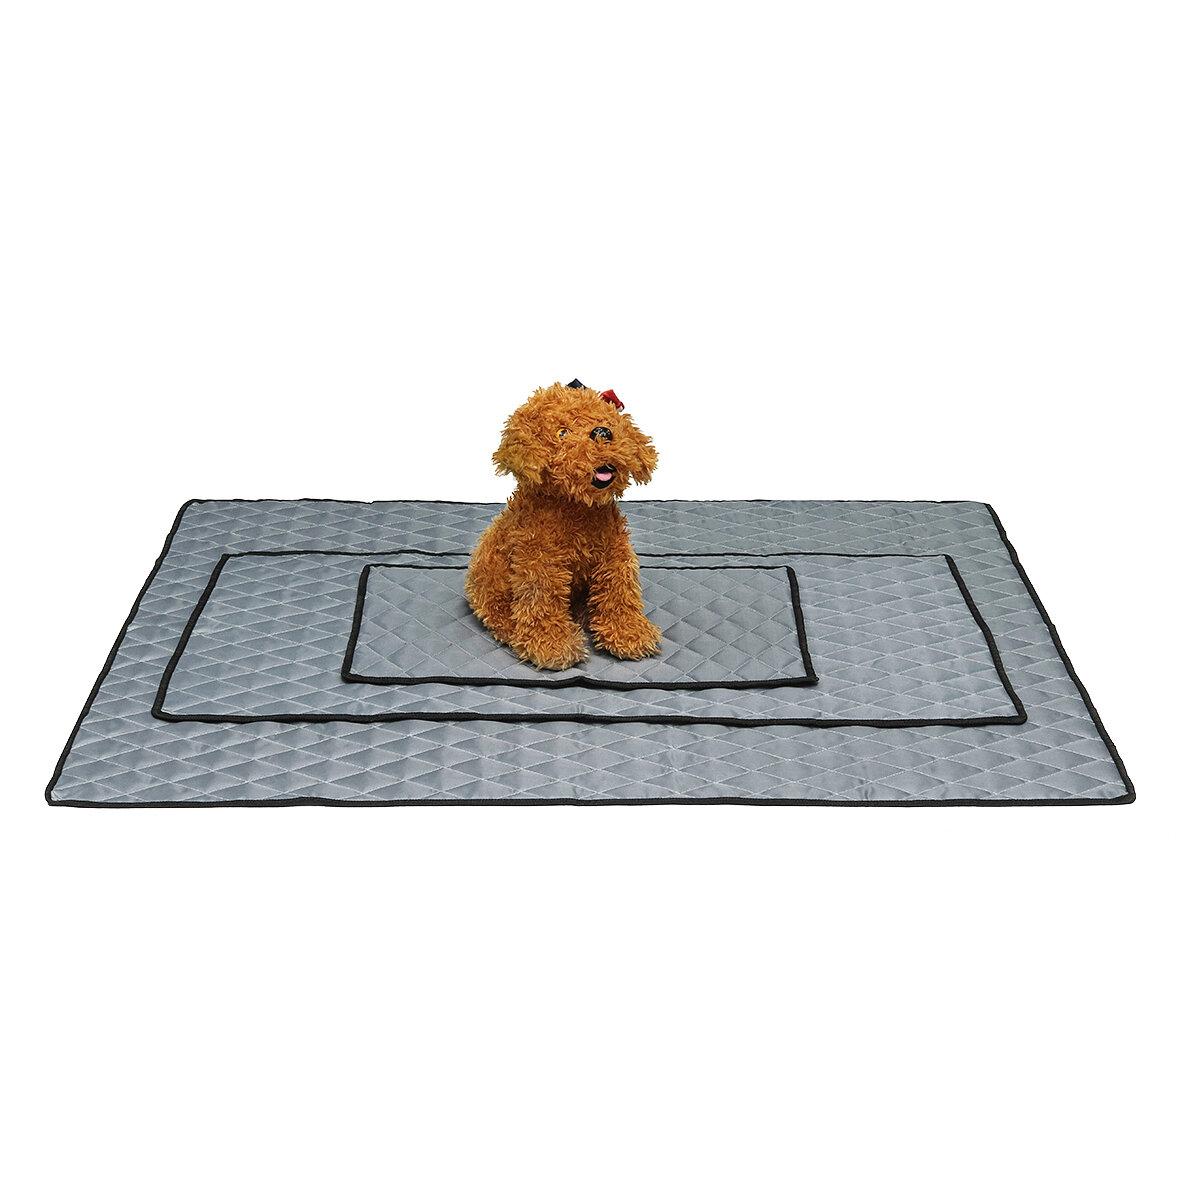 Estera de enfriamiento para mascotas No tóxico Cool Pad Cama de enfriamiento para mascotas para el verano Perro Gato Cachorro